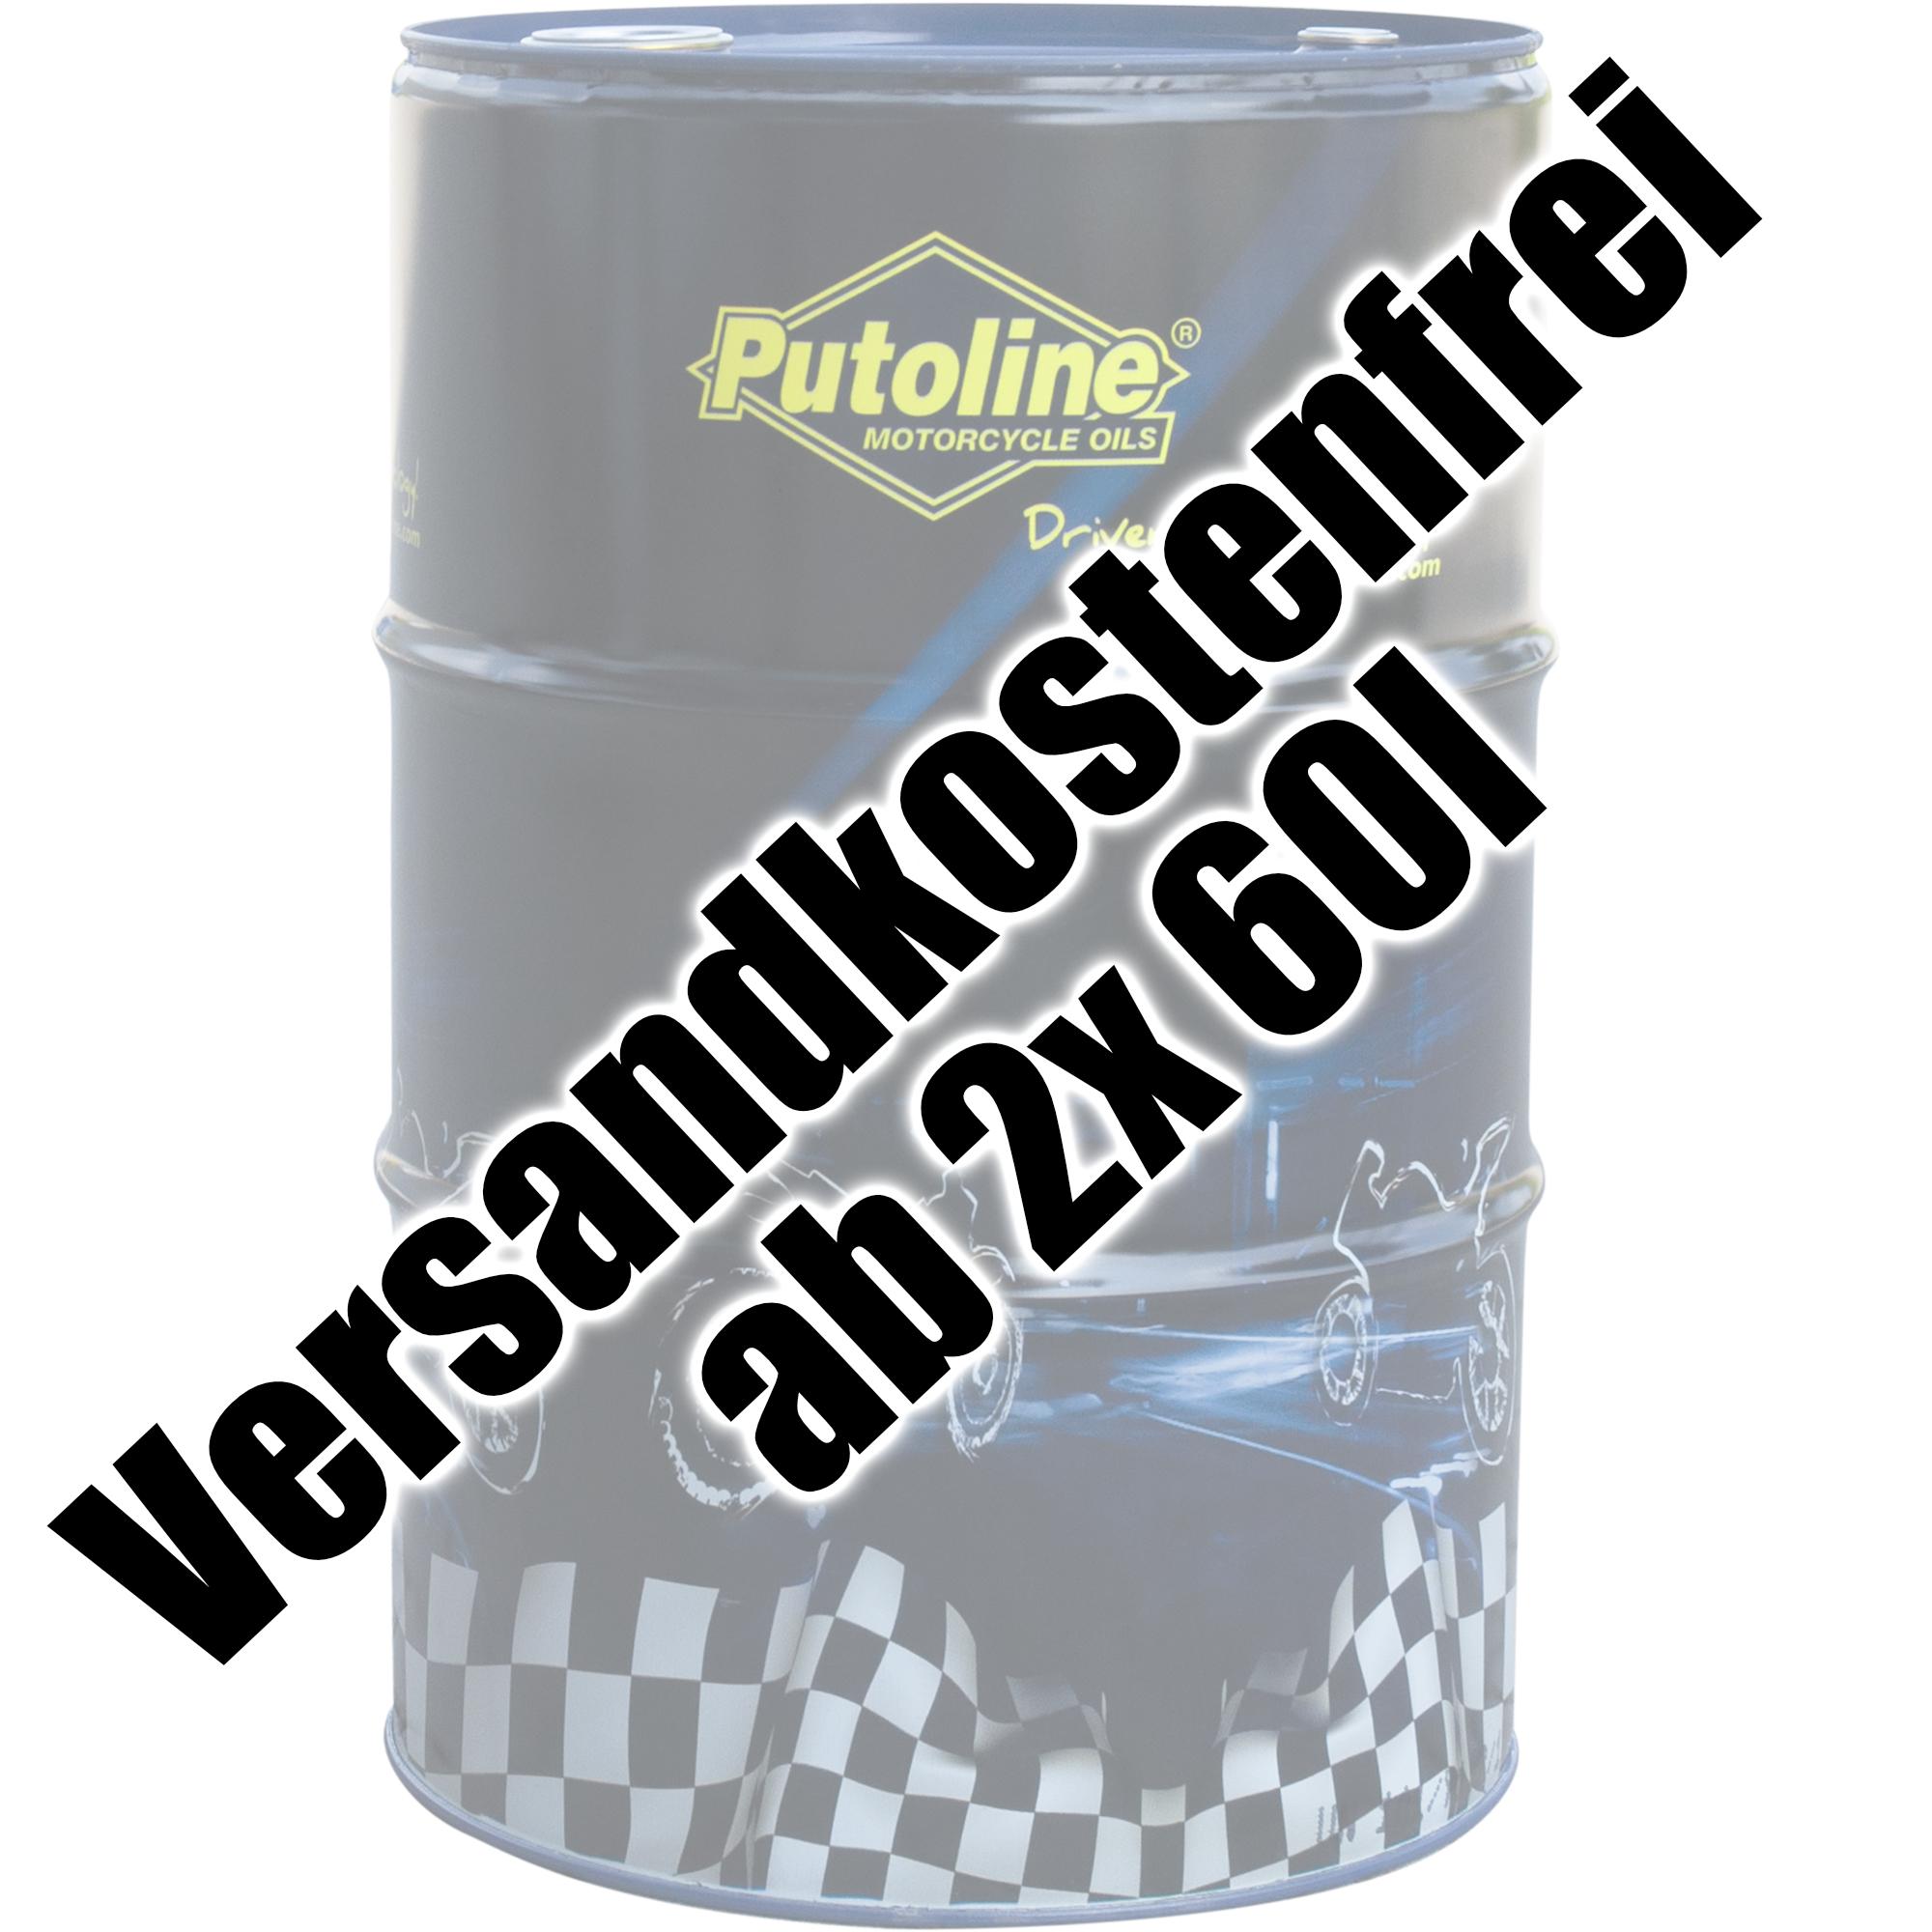 Putoline Motoröl OffRoad 4 10W-40 60L